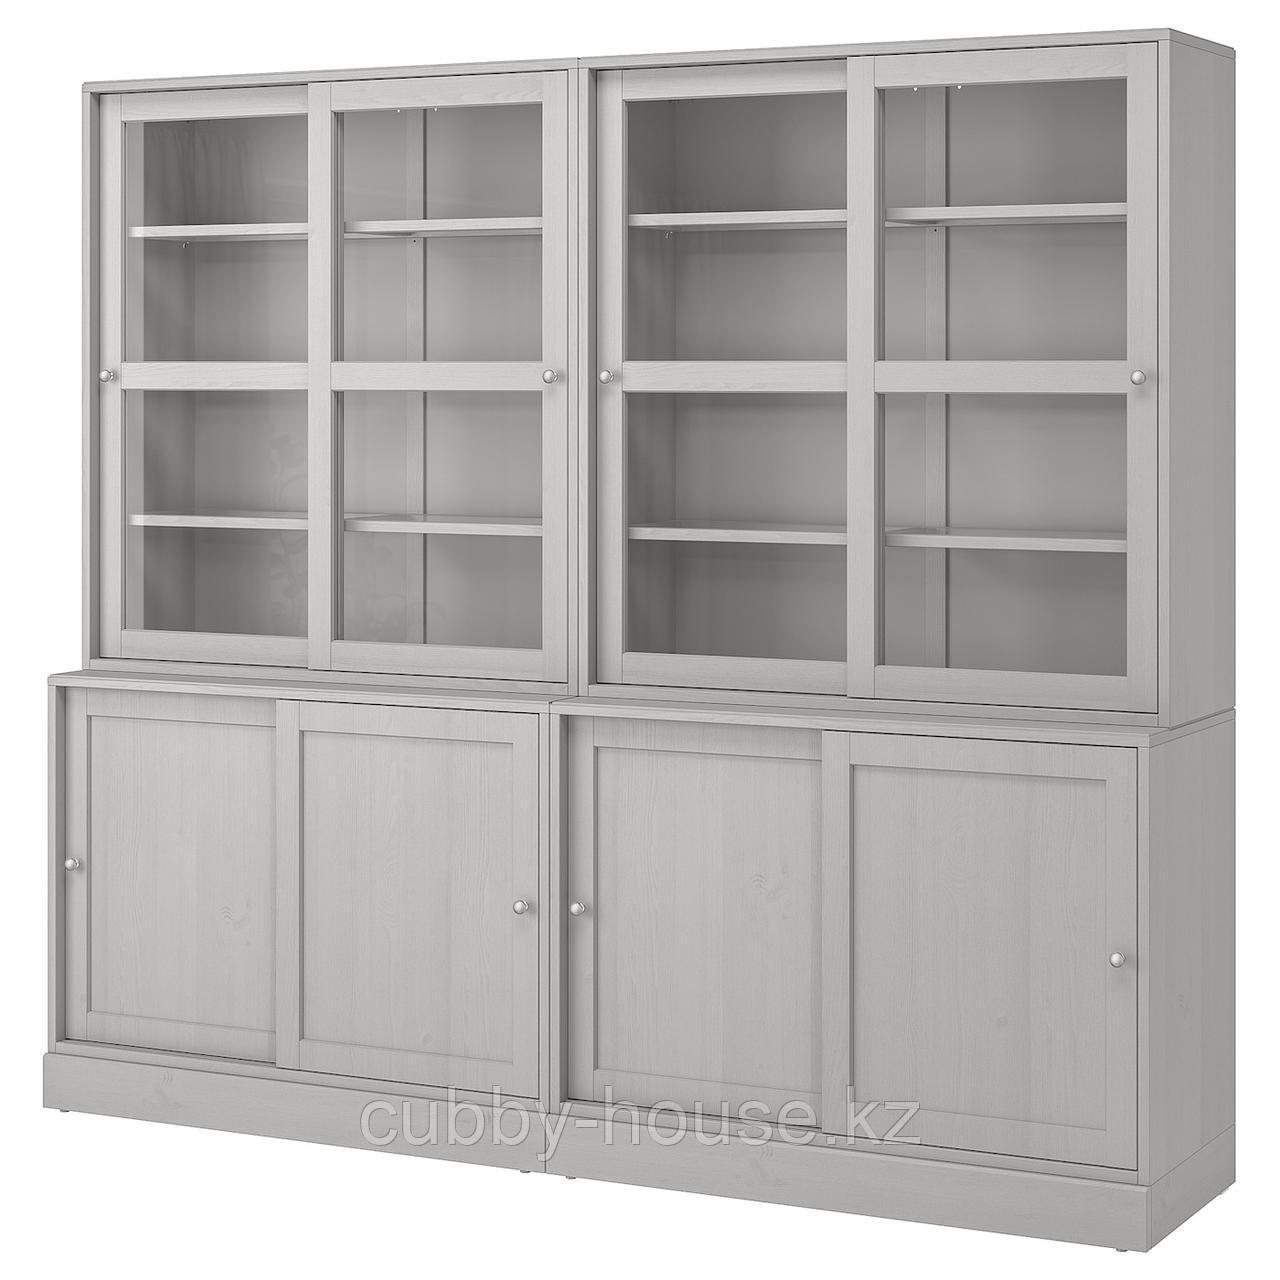 ХАВСТА Комбинация с раздвижными дверьми, белый, 242x47x212 см